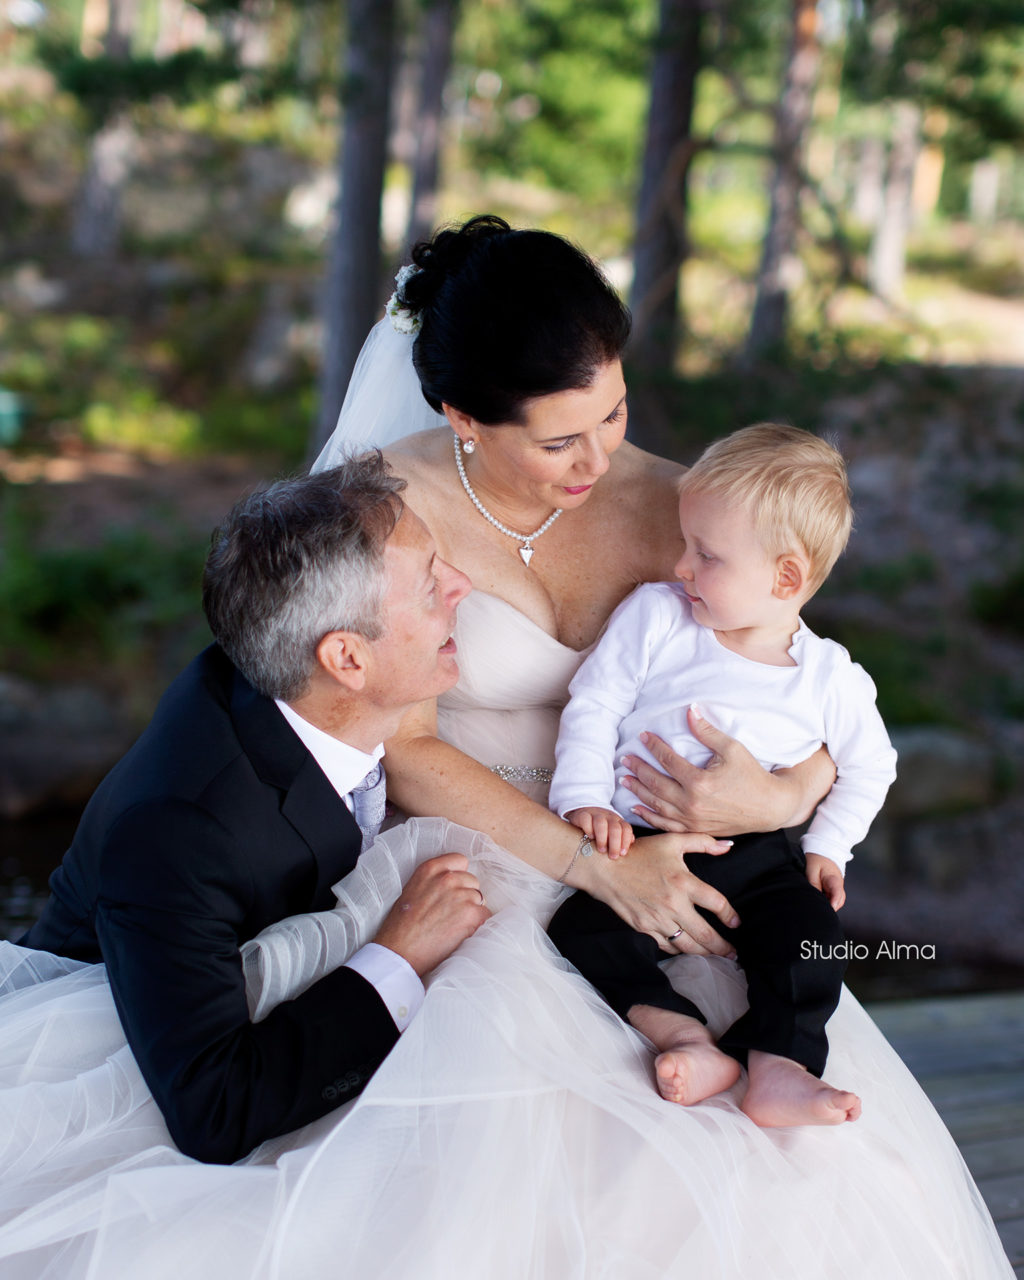 bryllup-familie-fotograf-rømskog-studioalma